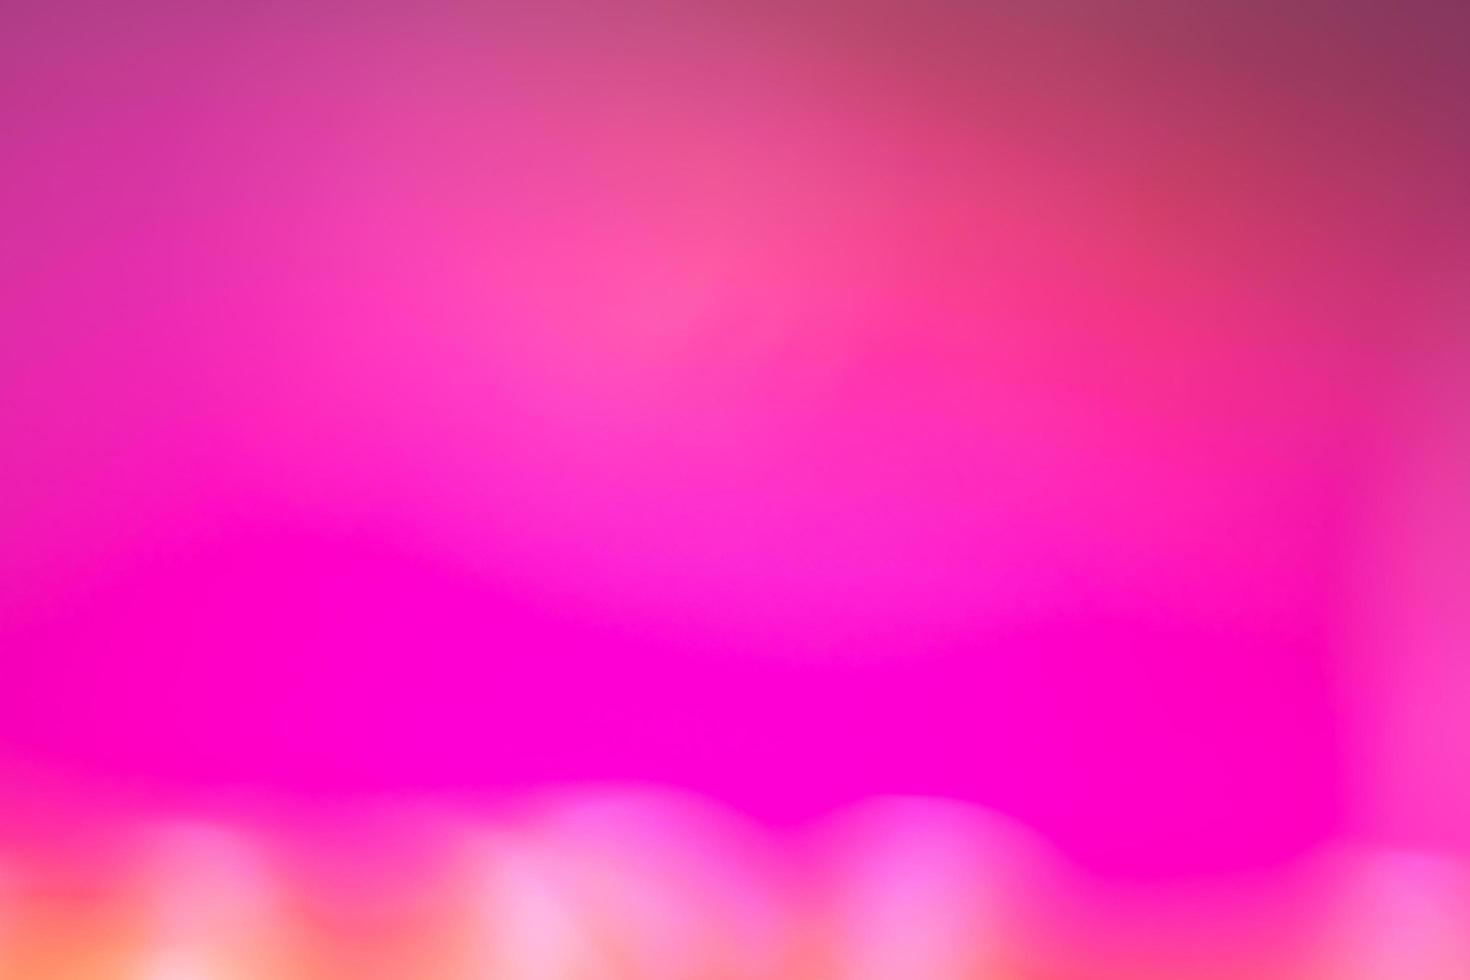 couleur d'arrière-plan bokeh photo